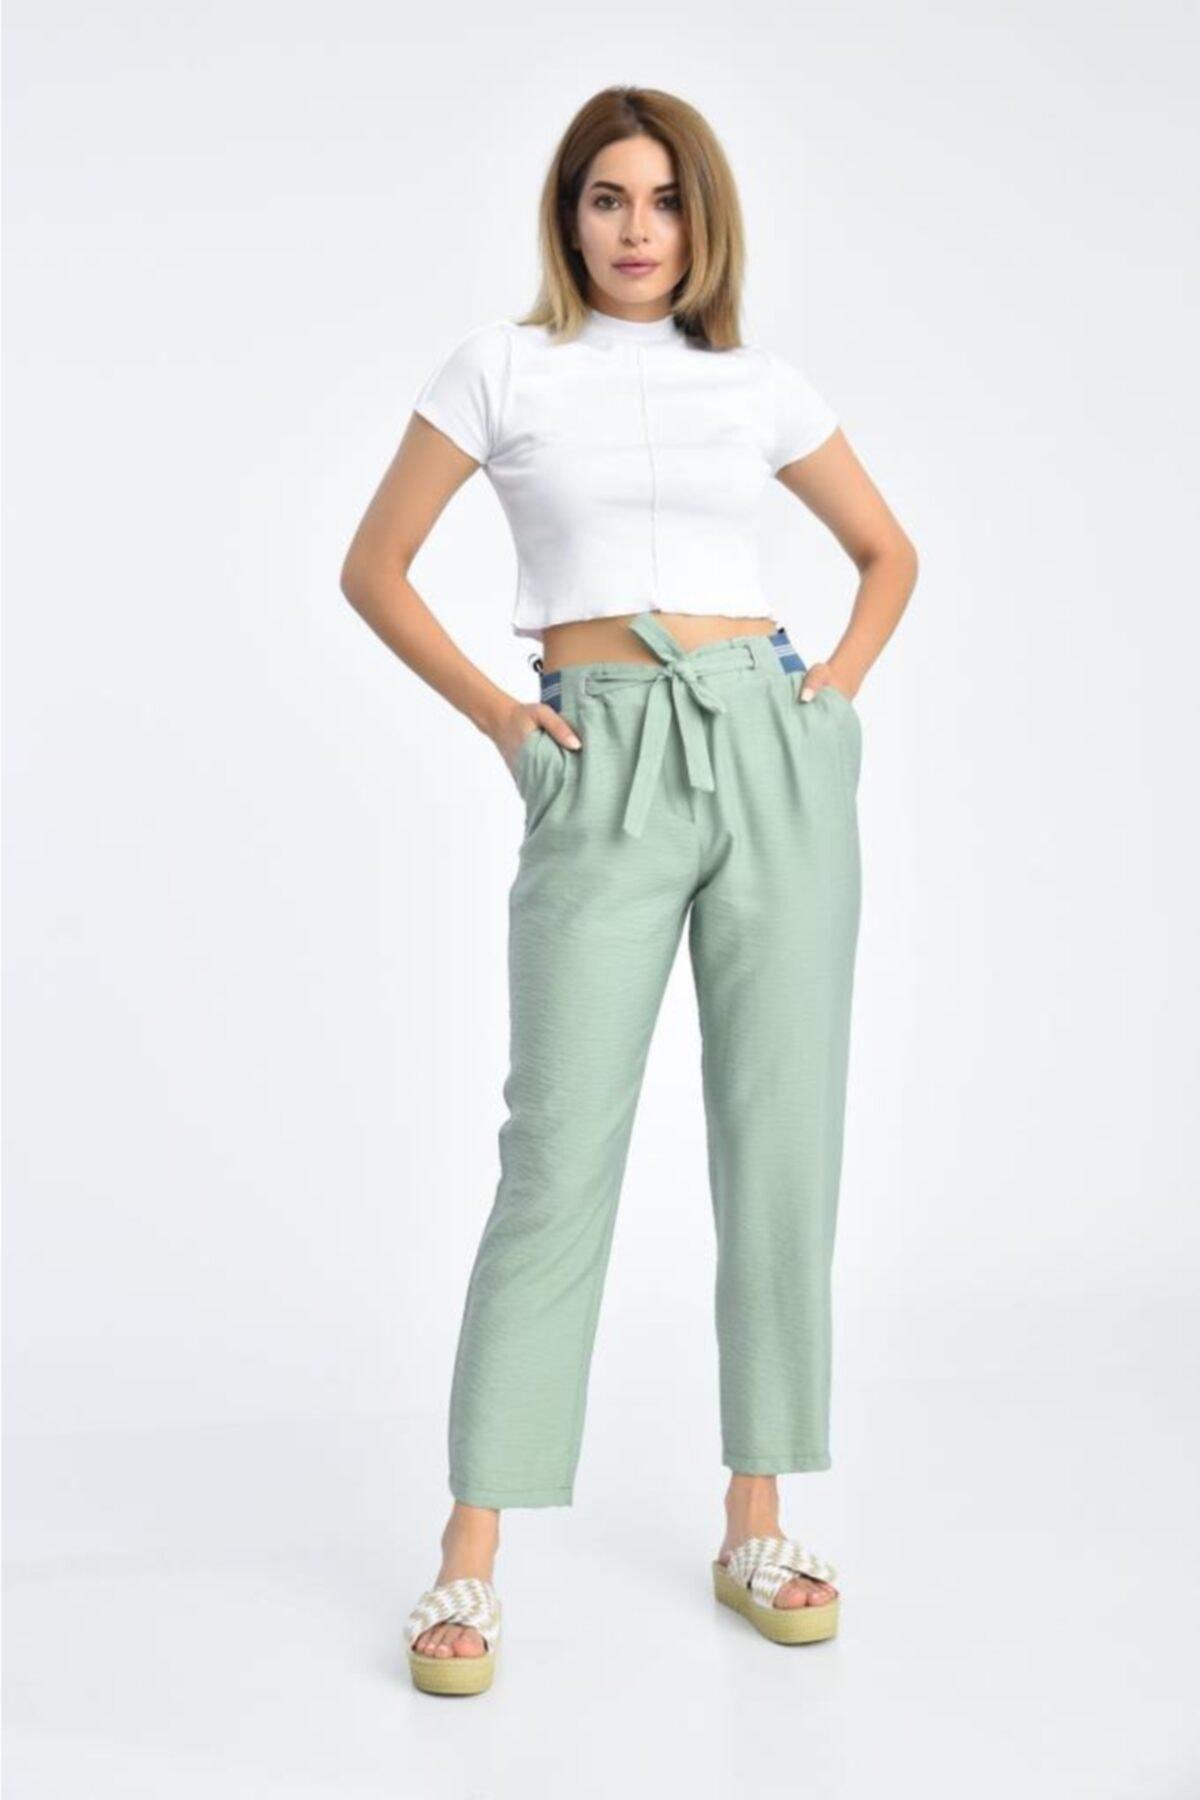 Modkofoni Bağcıklı Belden Lastikli Mint Yeşili Pantolon 1